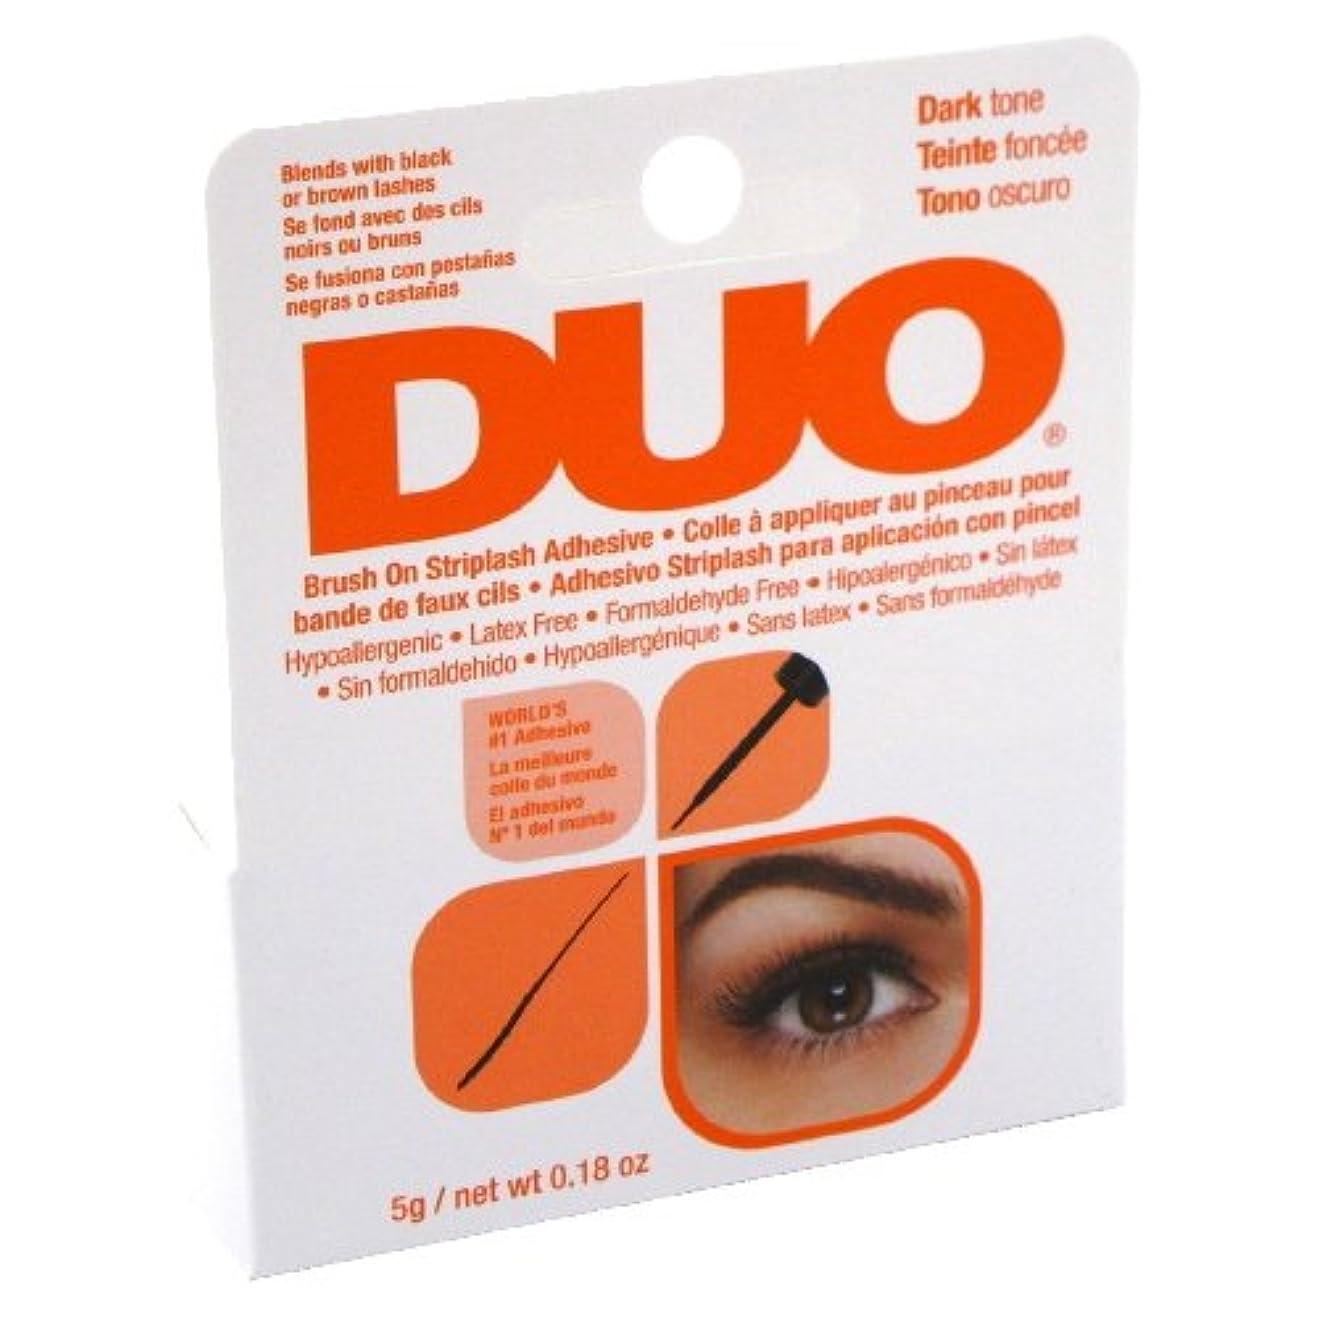 ばかげているインフルエンザ原子炉(6 Pack) DUO Brush On Striplash Adhesive - Dark Tone (並行輸入品)